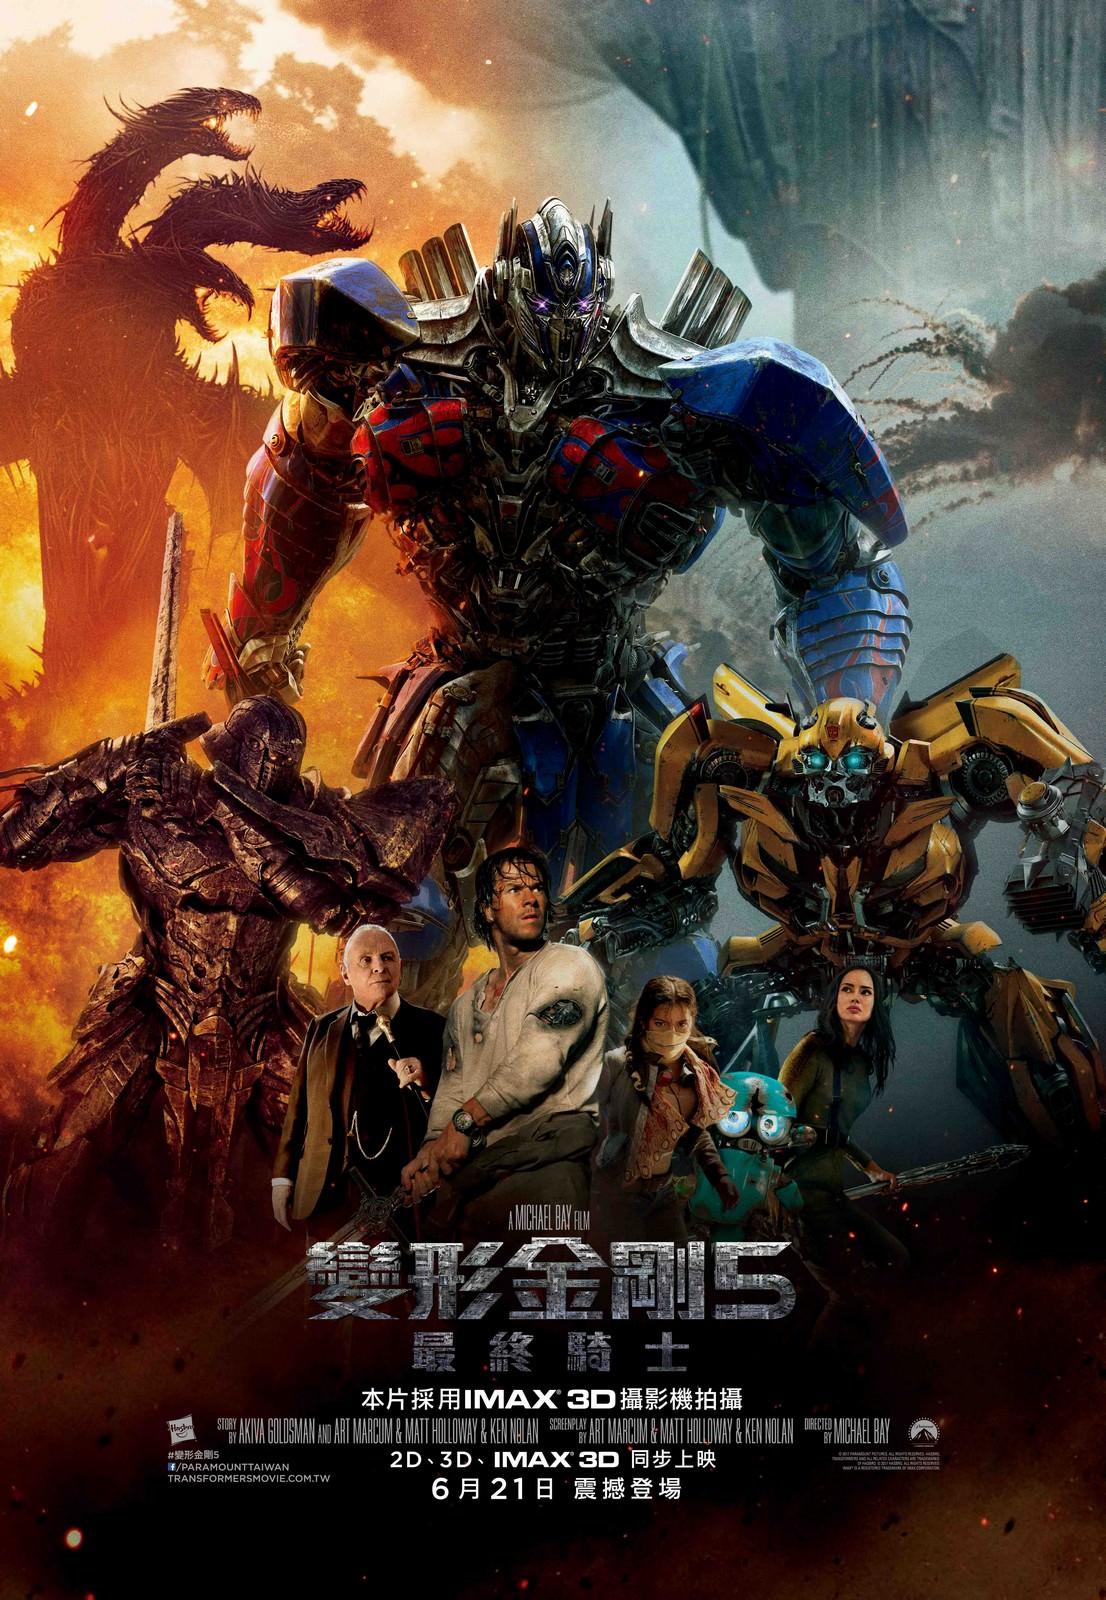 Movie, Transformers: The Last Knight(美國, 2017年) / 變形金剛5:最終騎士(台灣) / 变形金刚5:最后的骑士(中國) / 變形金剛:終極戰士(香港), 電影海報, 台灣